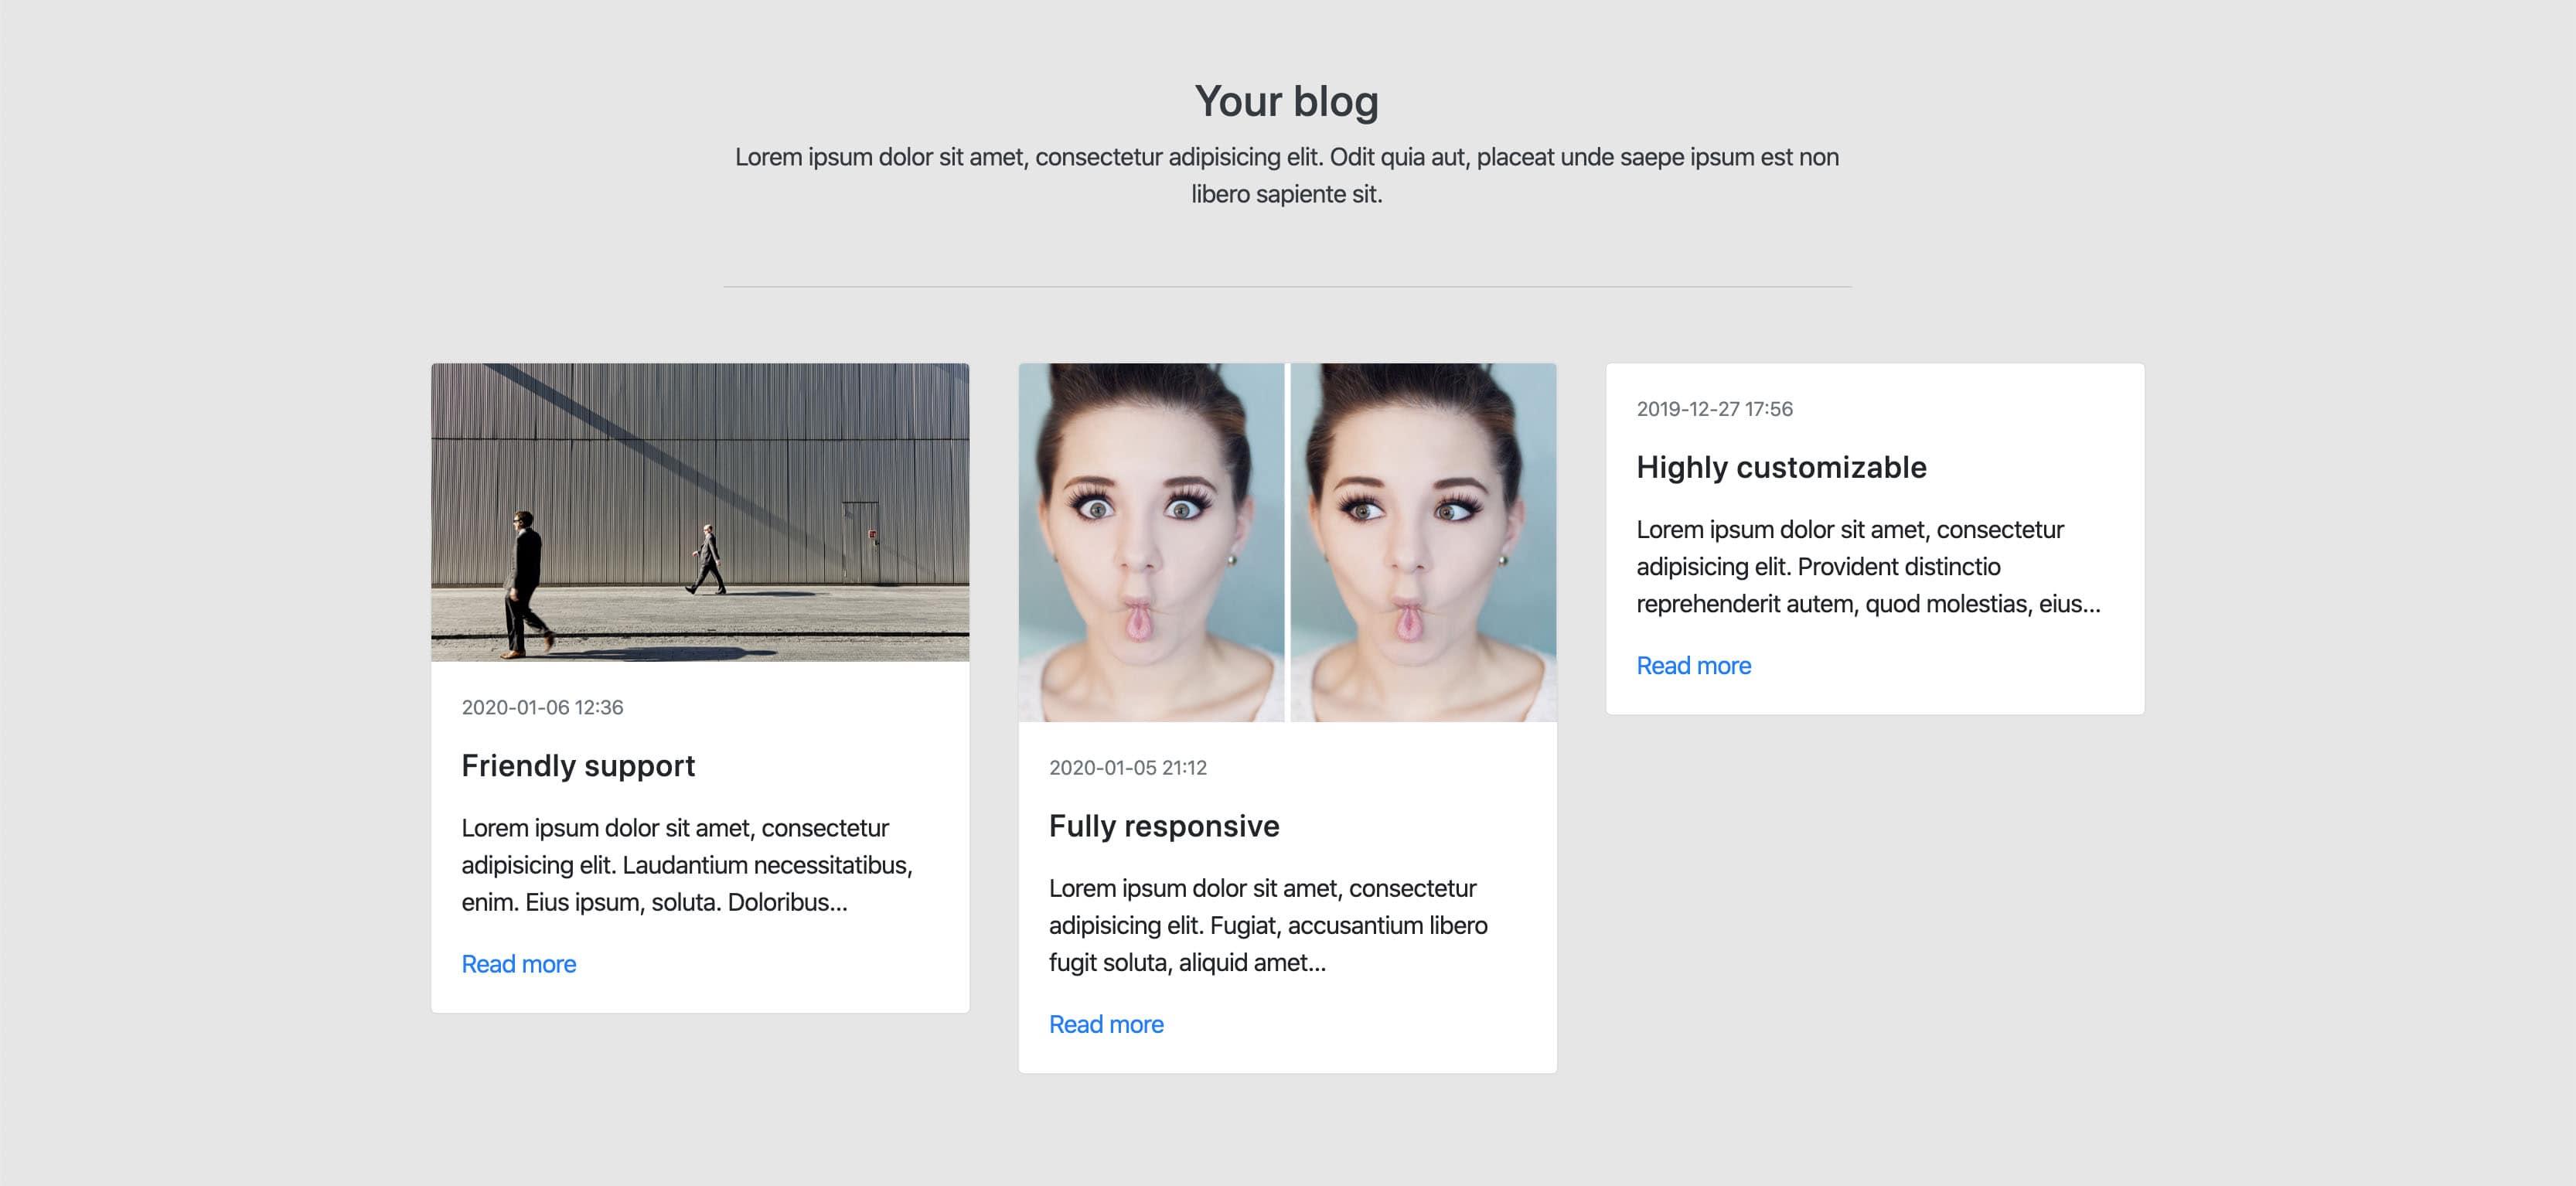 blocks/blog.jpg